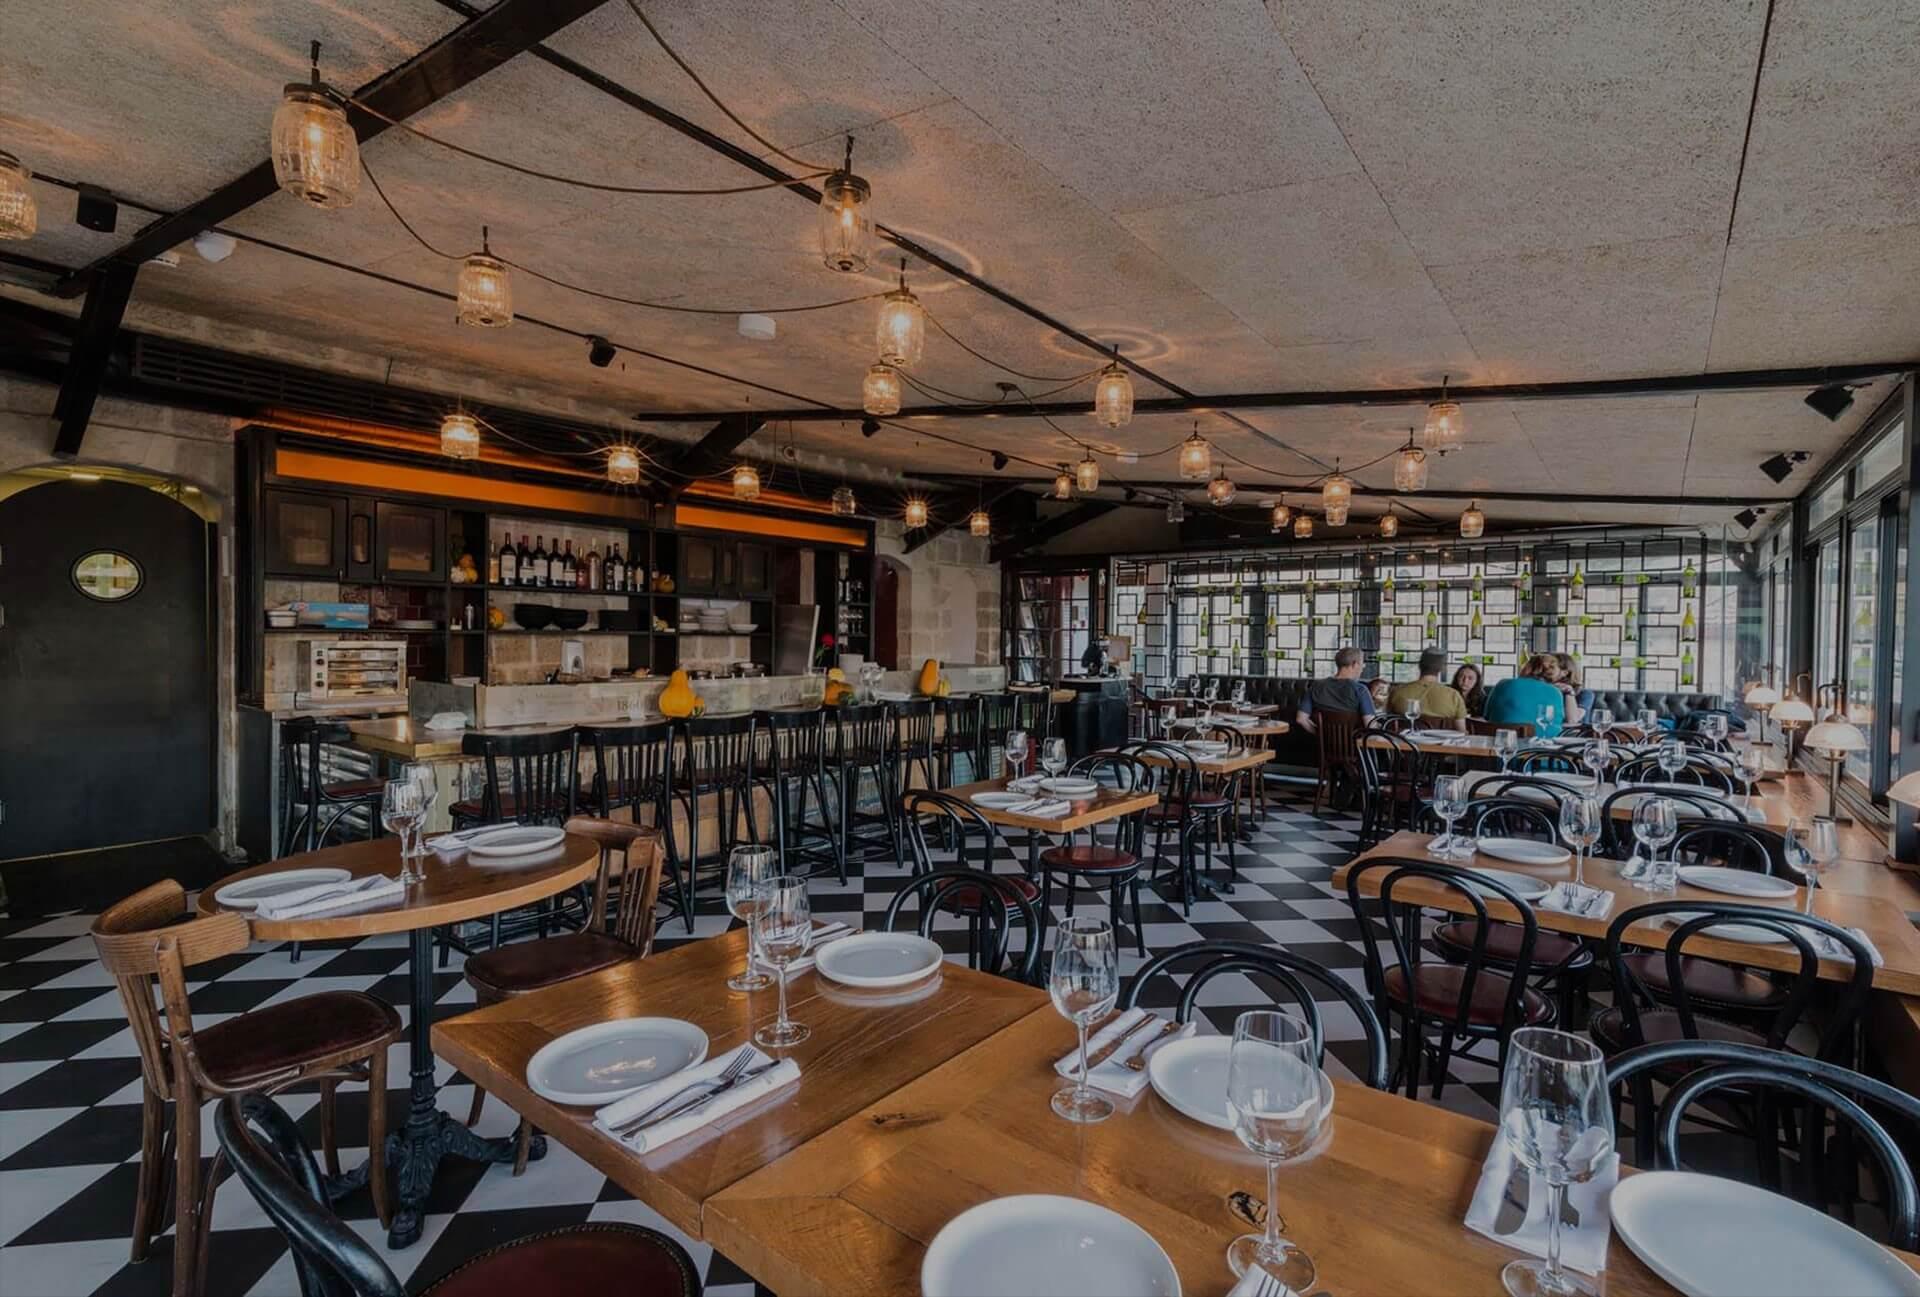 11 ארוחה זוגית במסעדת טורו של השף בני אשכנזי, ירושלים